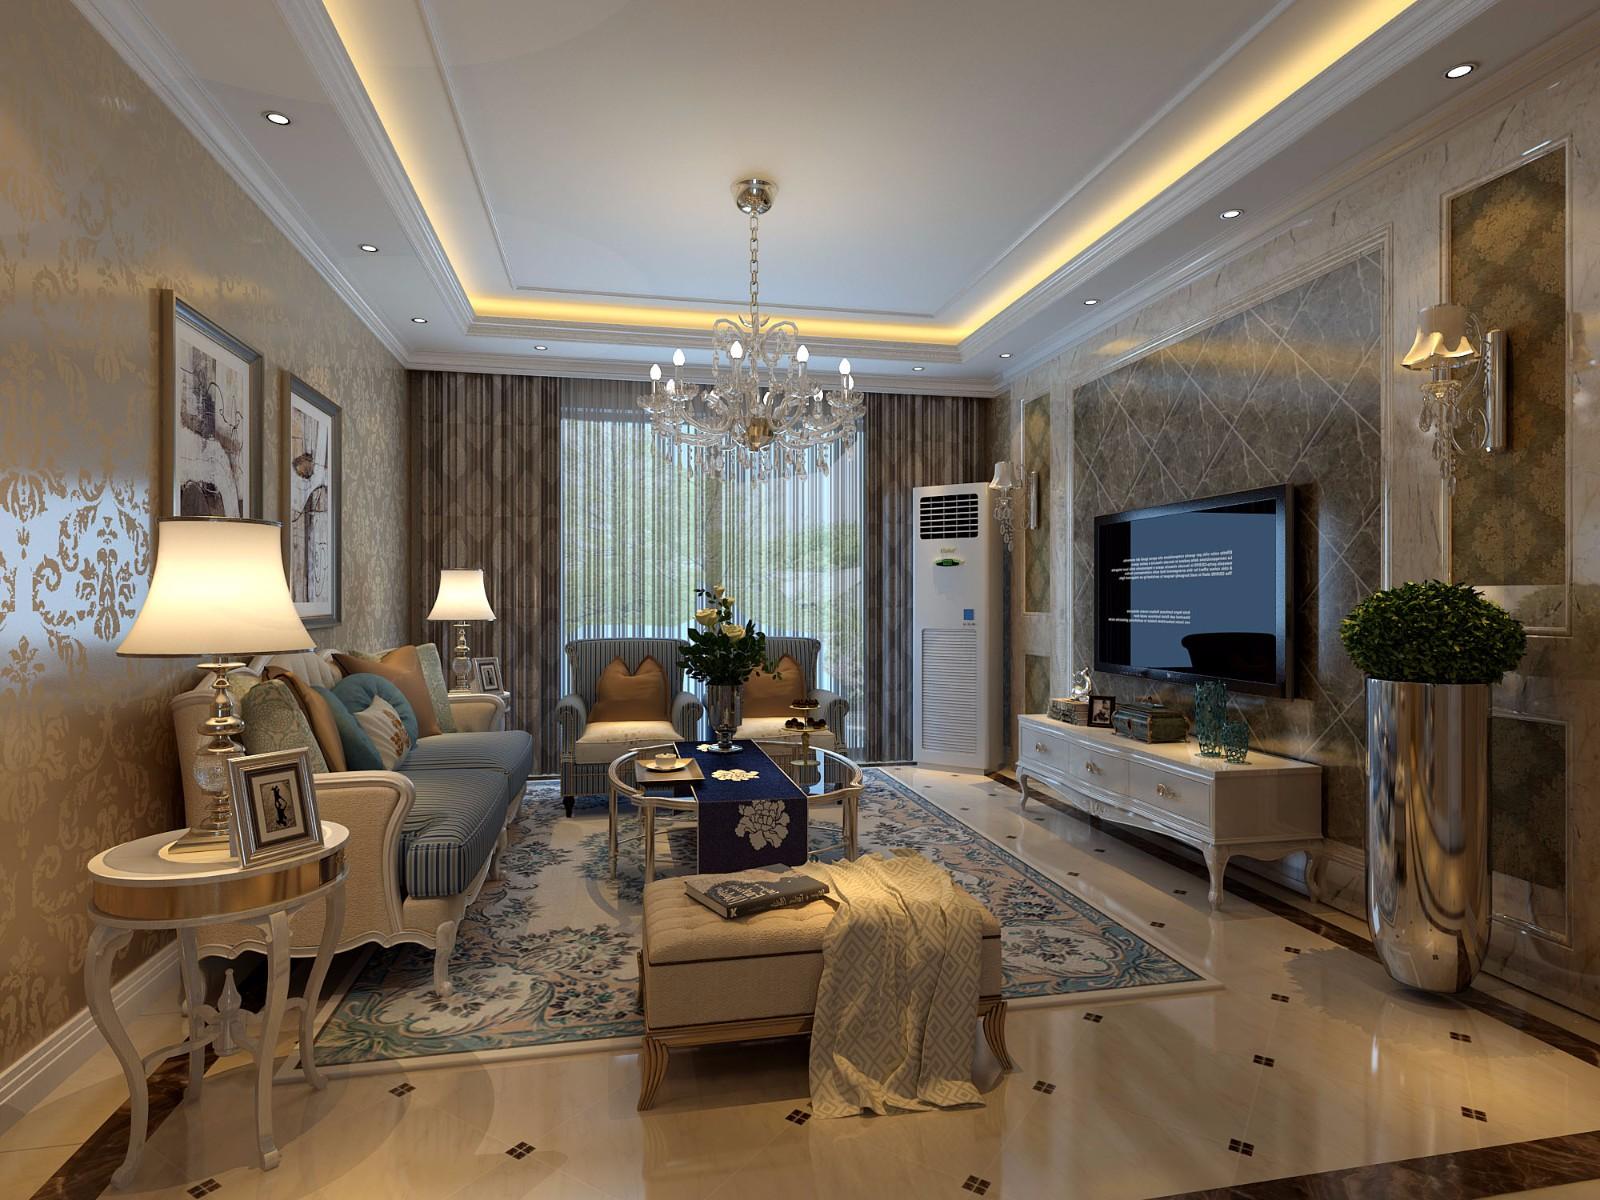 3室1卫2厅125平米简欧风格